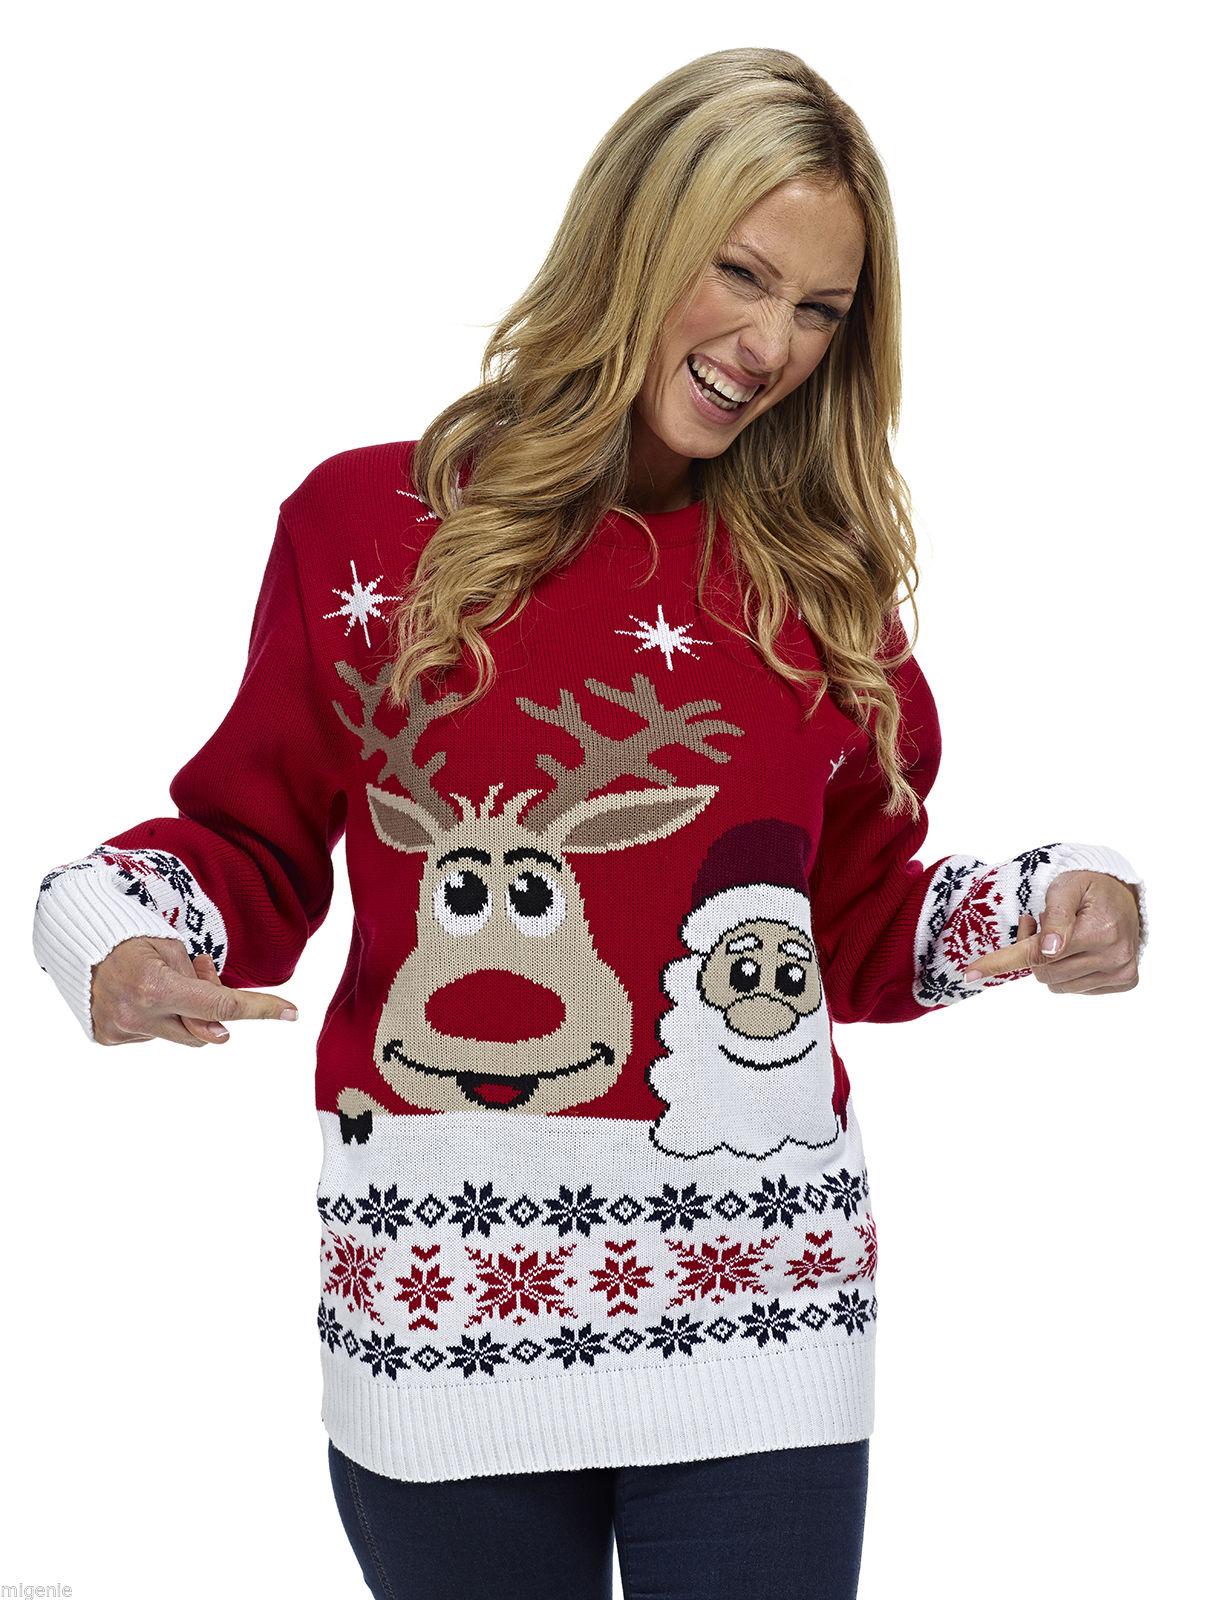 Kersttrui Lang Dames.Kersttrui Voor Dames Koop Hier Je Kersttrui Of Een Leuke Tuniek